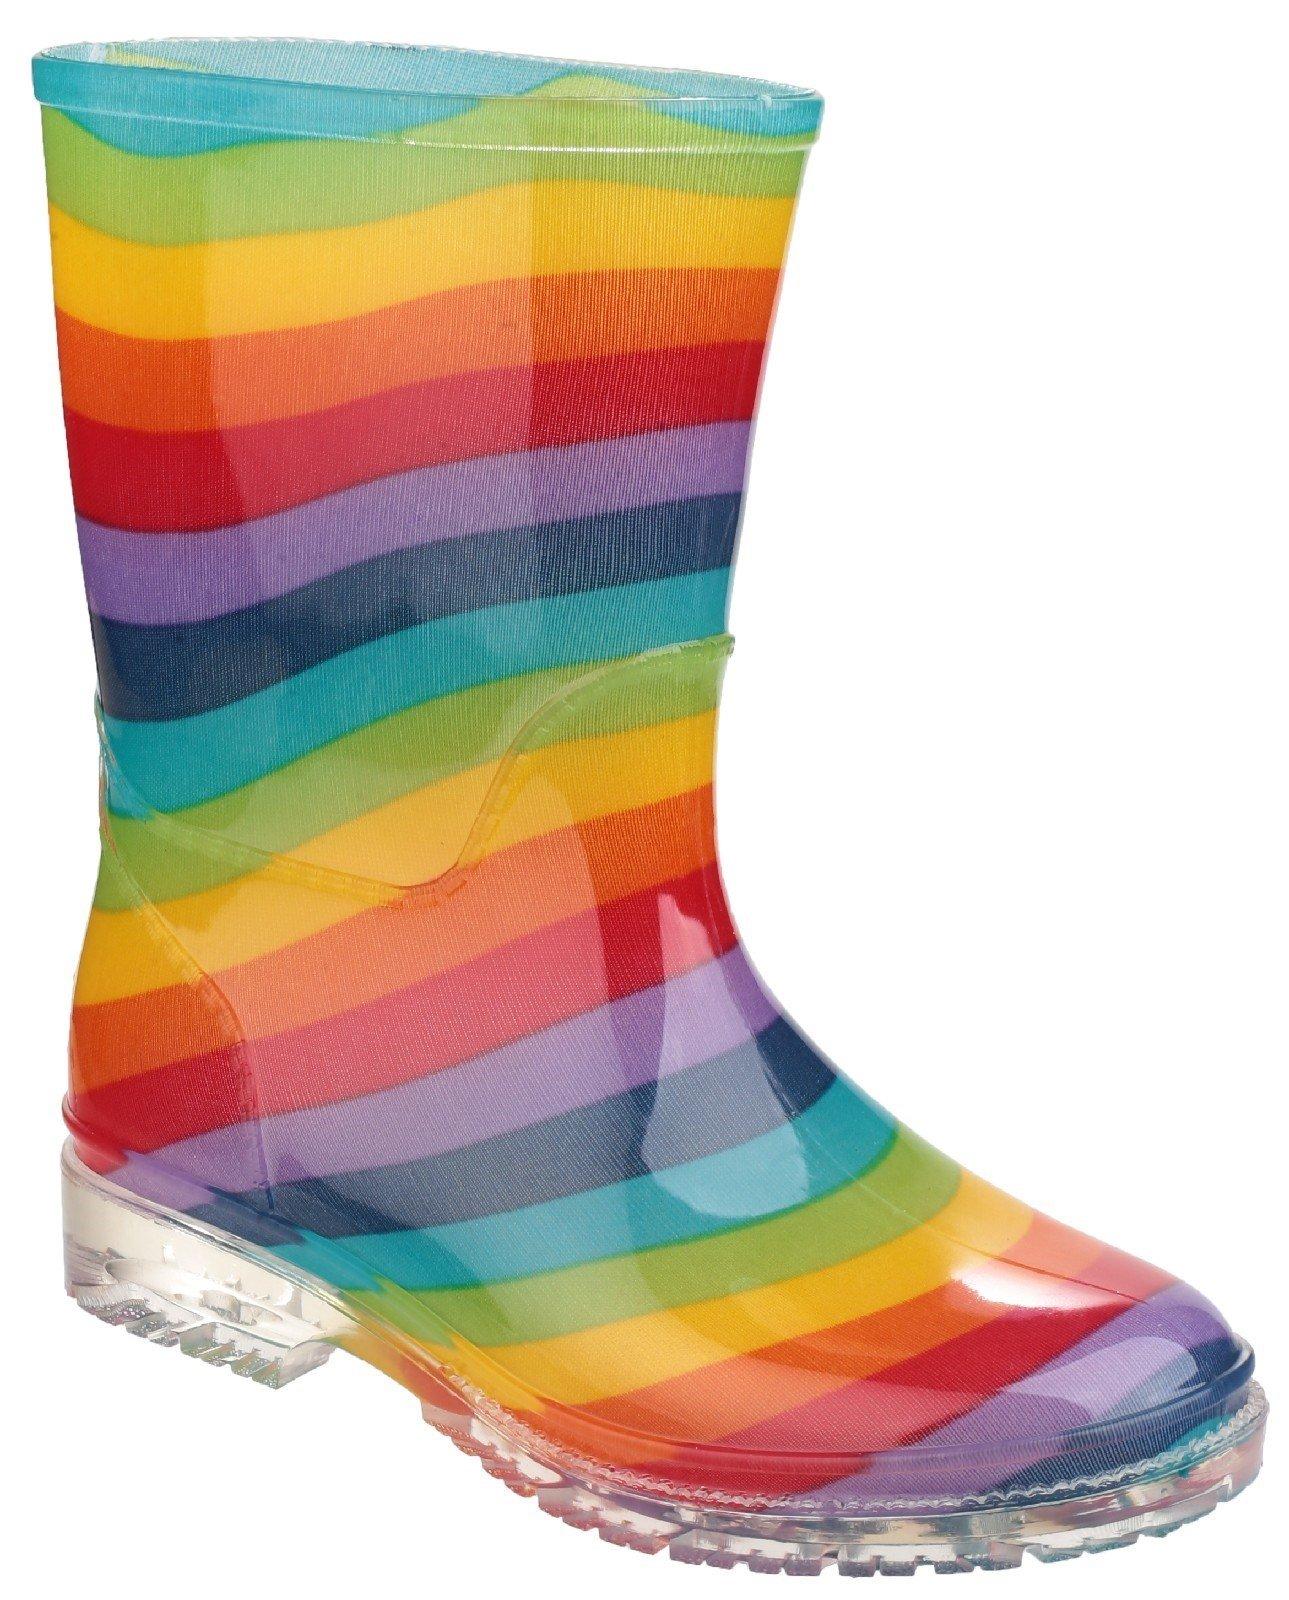 Cotswold Kid's PVC Jnr Wellington Multicolor 18853 - Rainbow 13